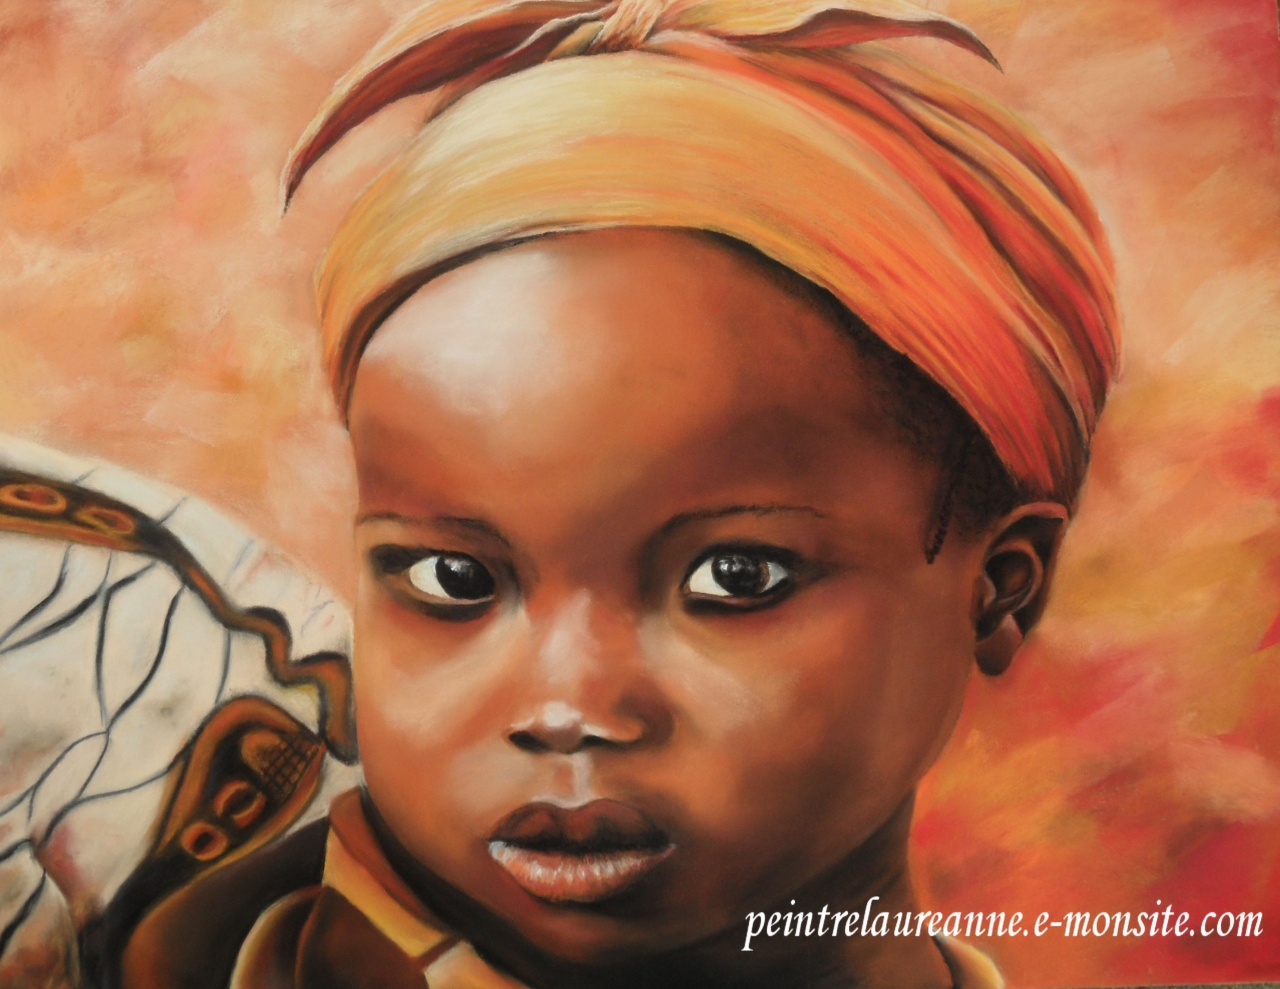 Exceptionnel pas à pas au pastel sec enfant africaine HI71